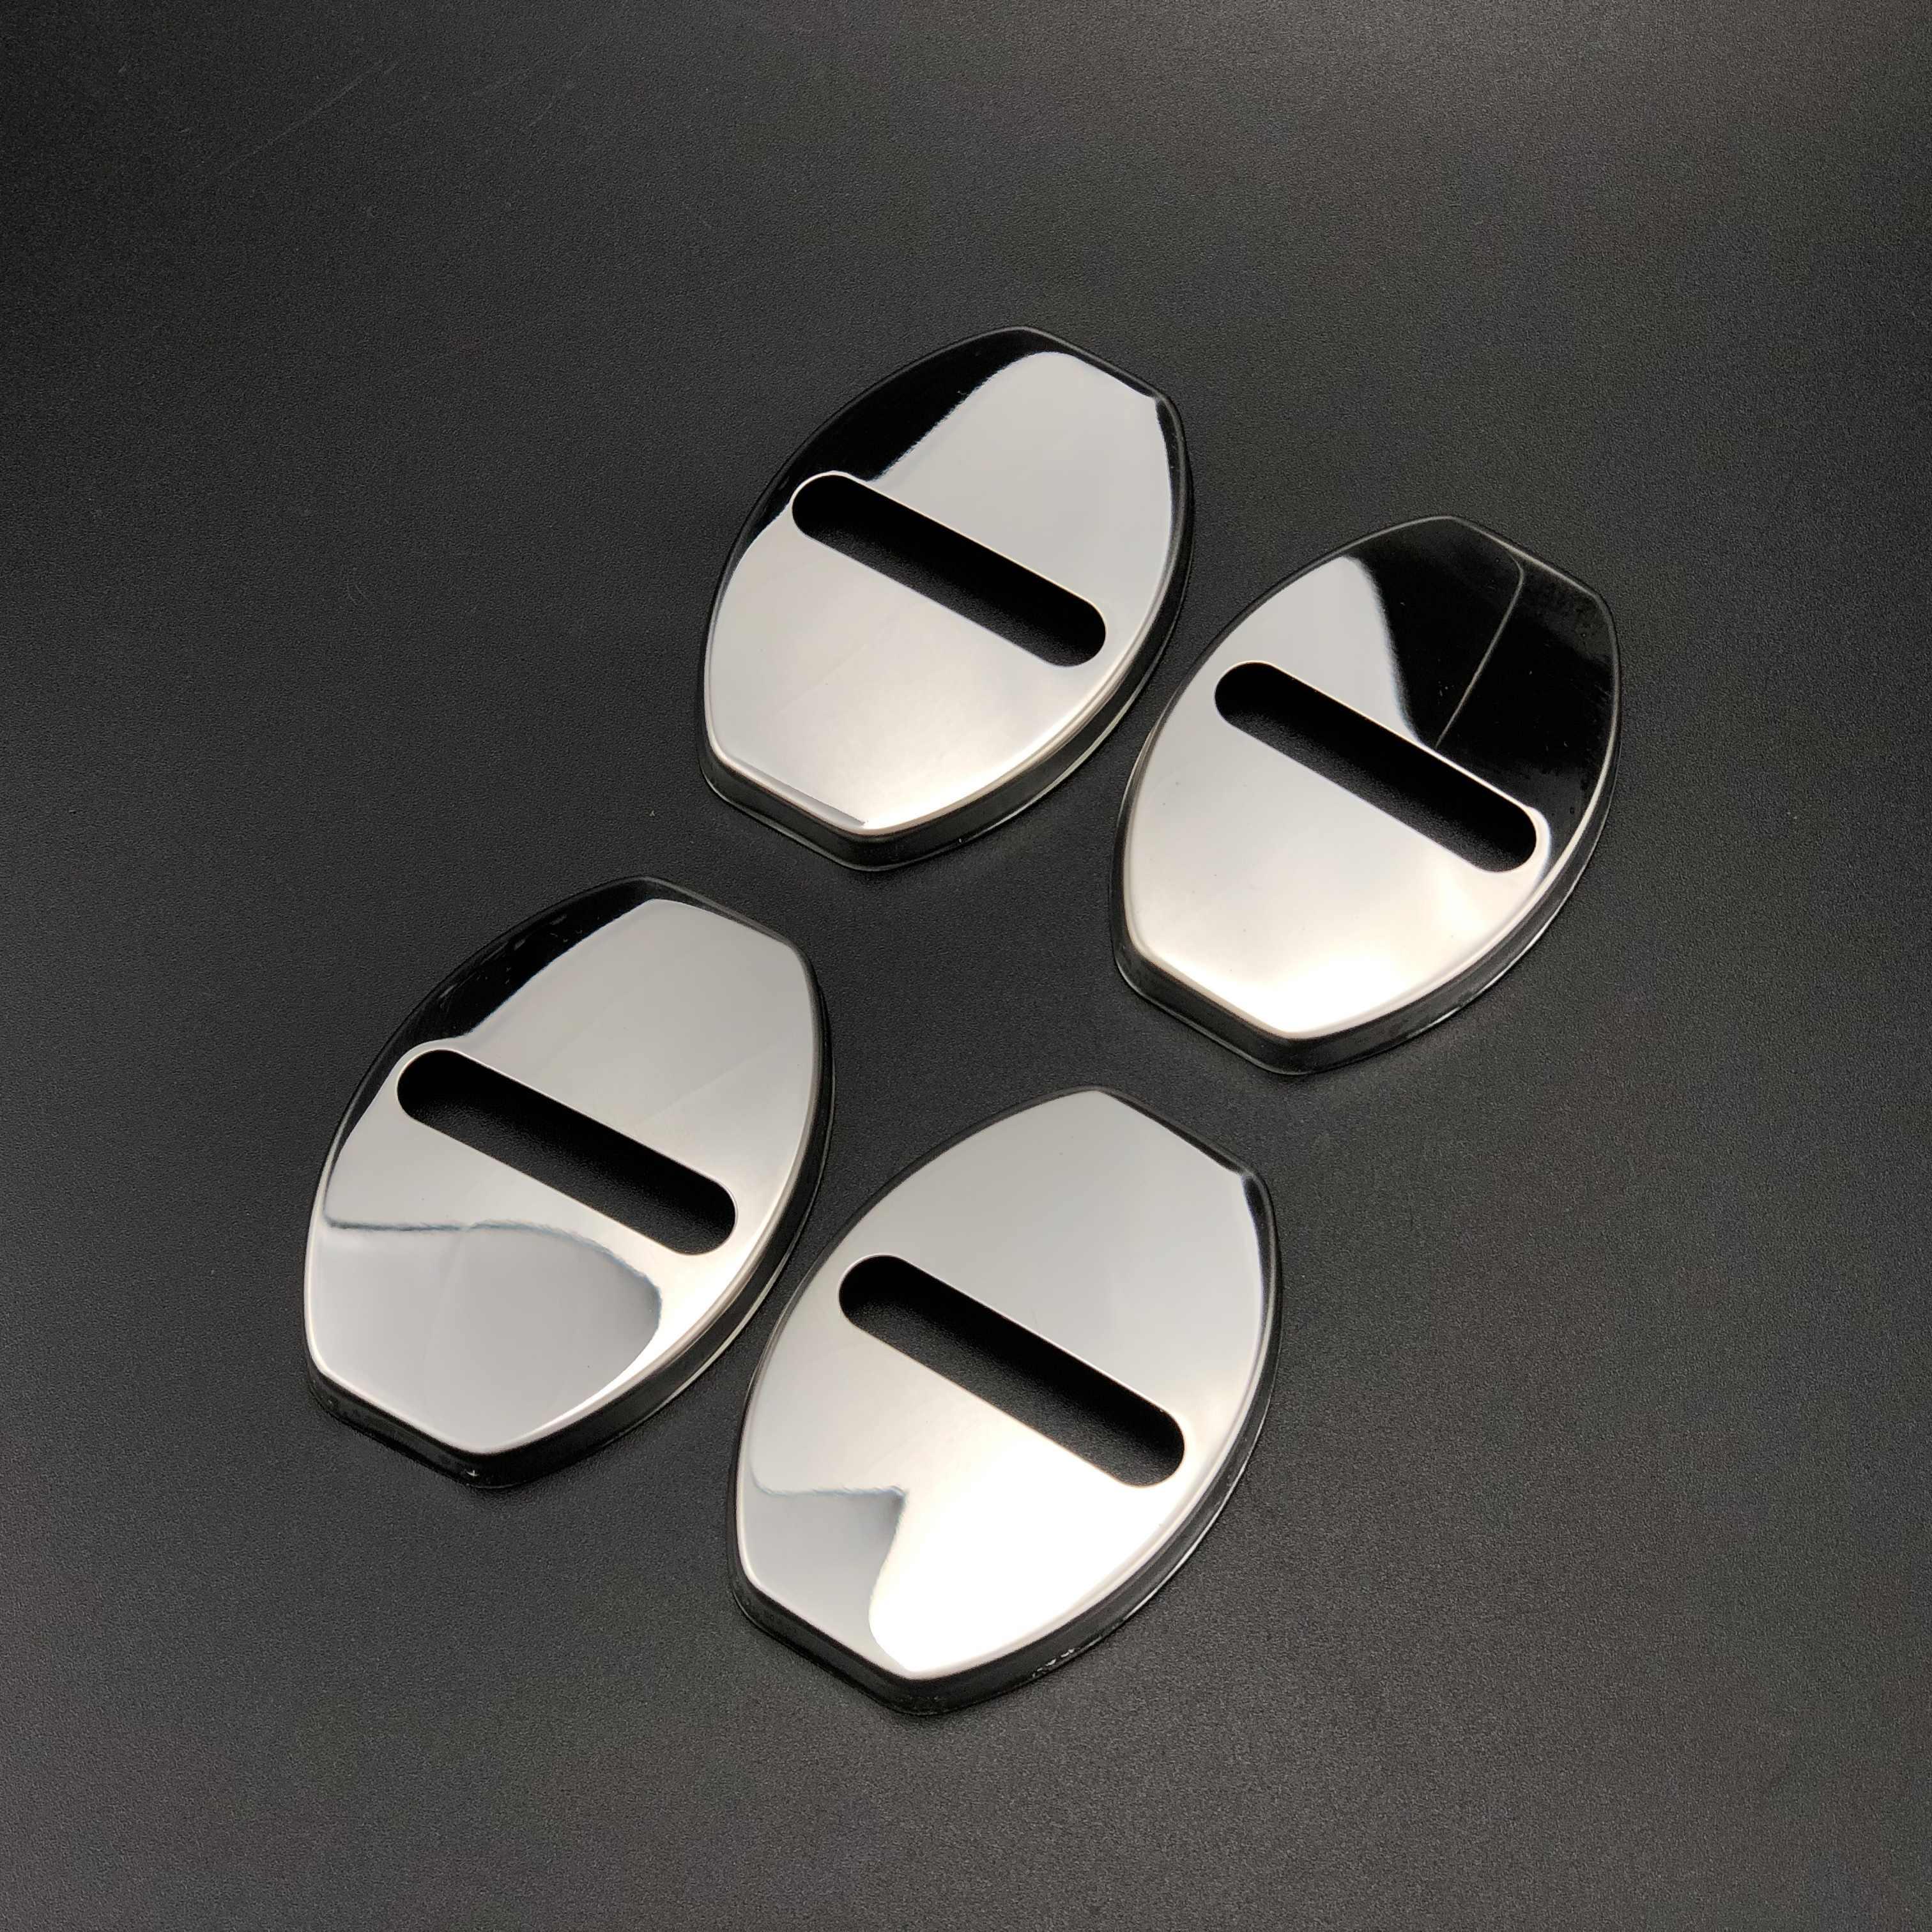 Acessórios de estilo de carro Fechadura Da Porta À Prova D' Água Resistente À Ferrugem Protetora Capa Para Porsche Macan Boxster Cayman 911 Cayenne